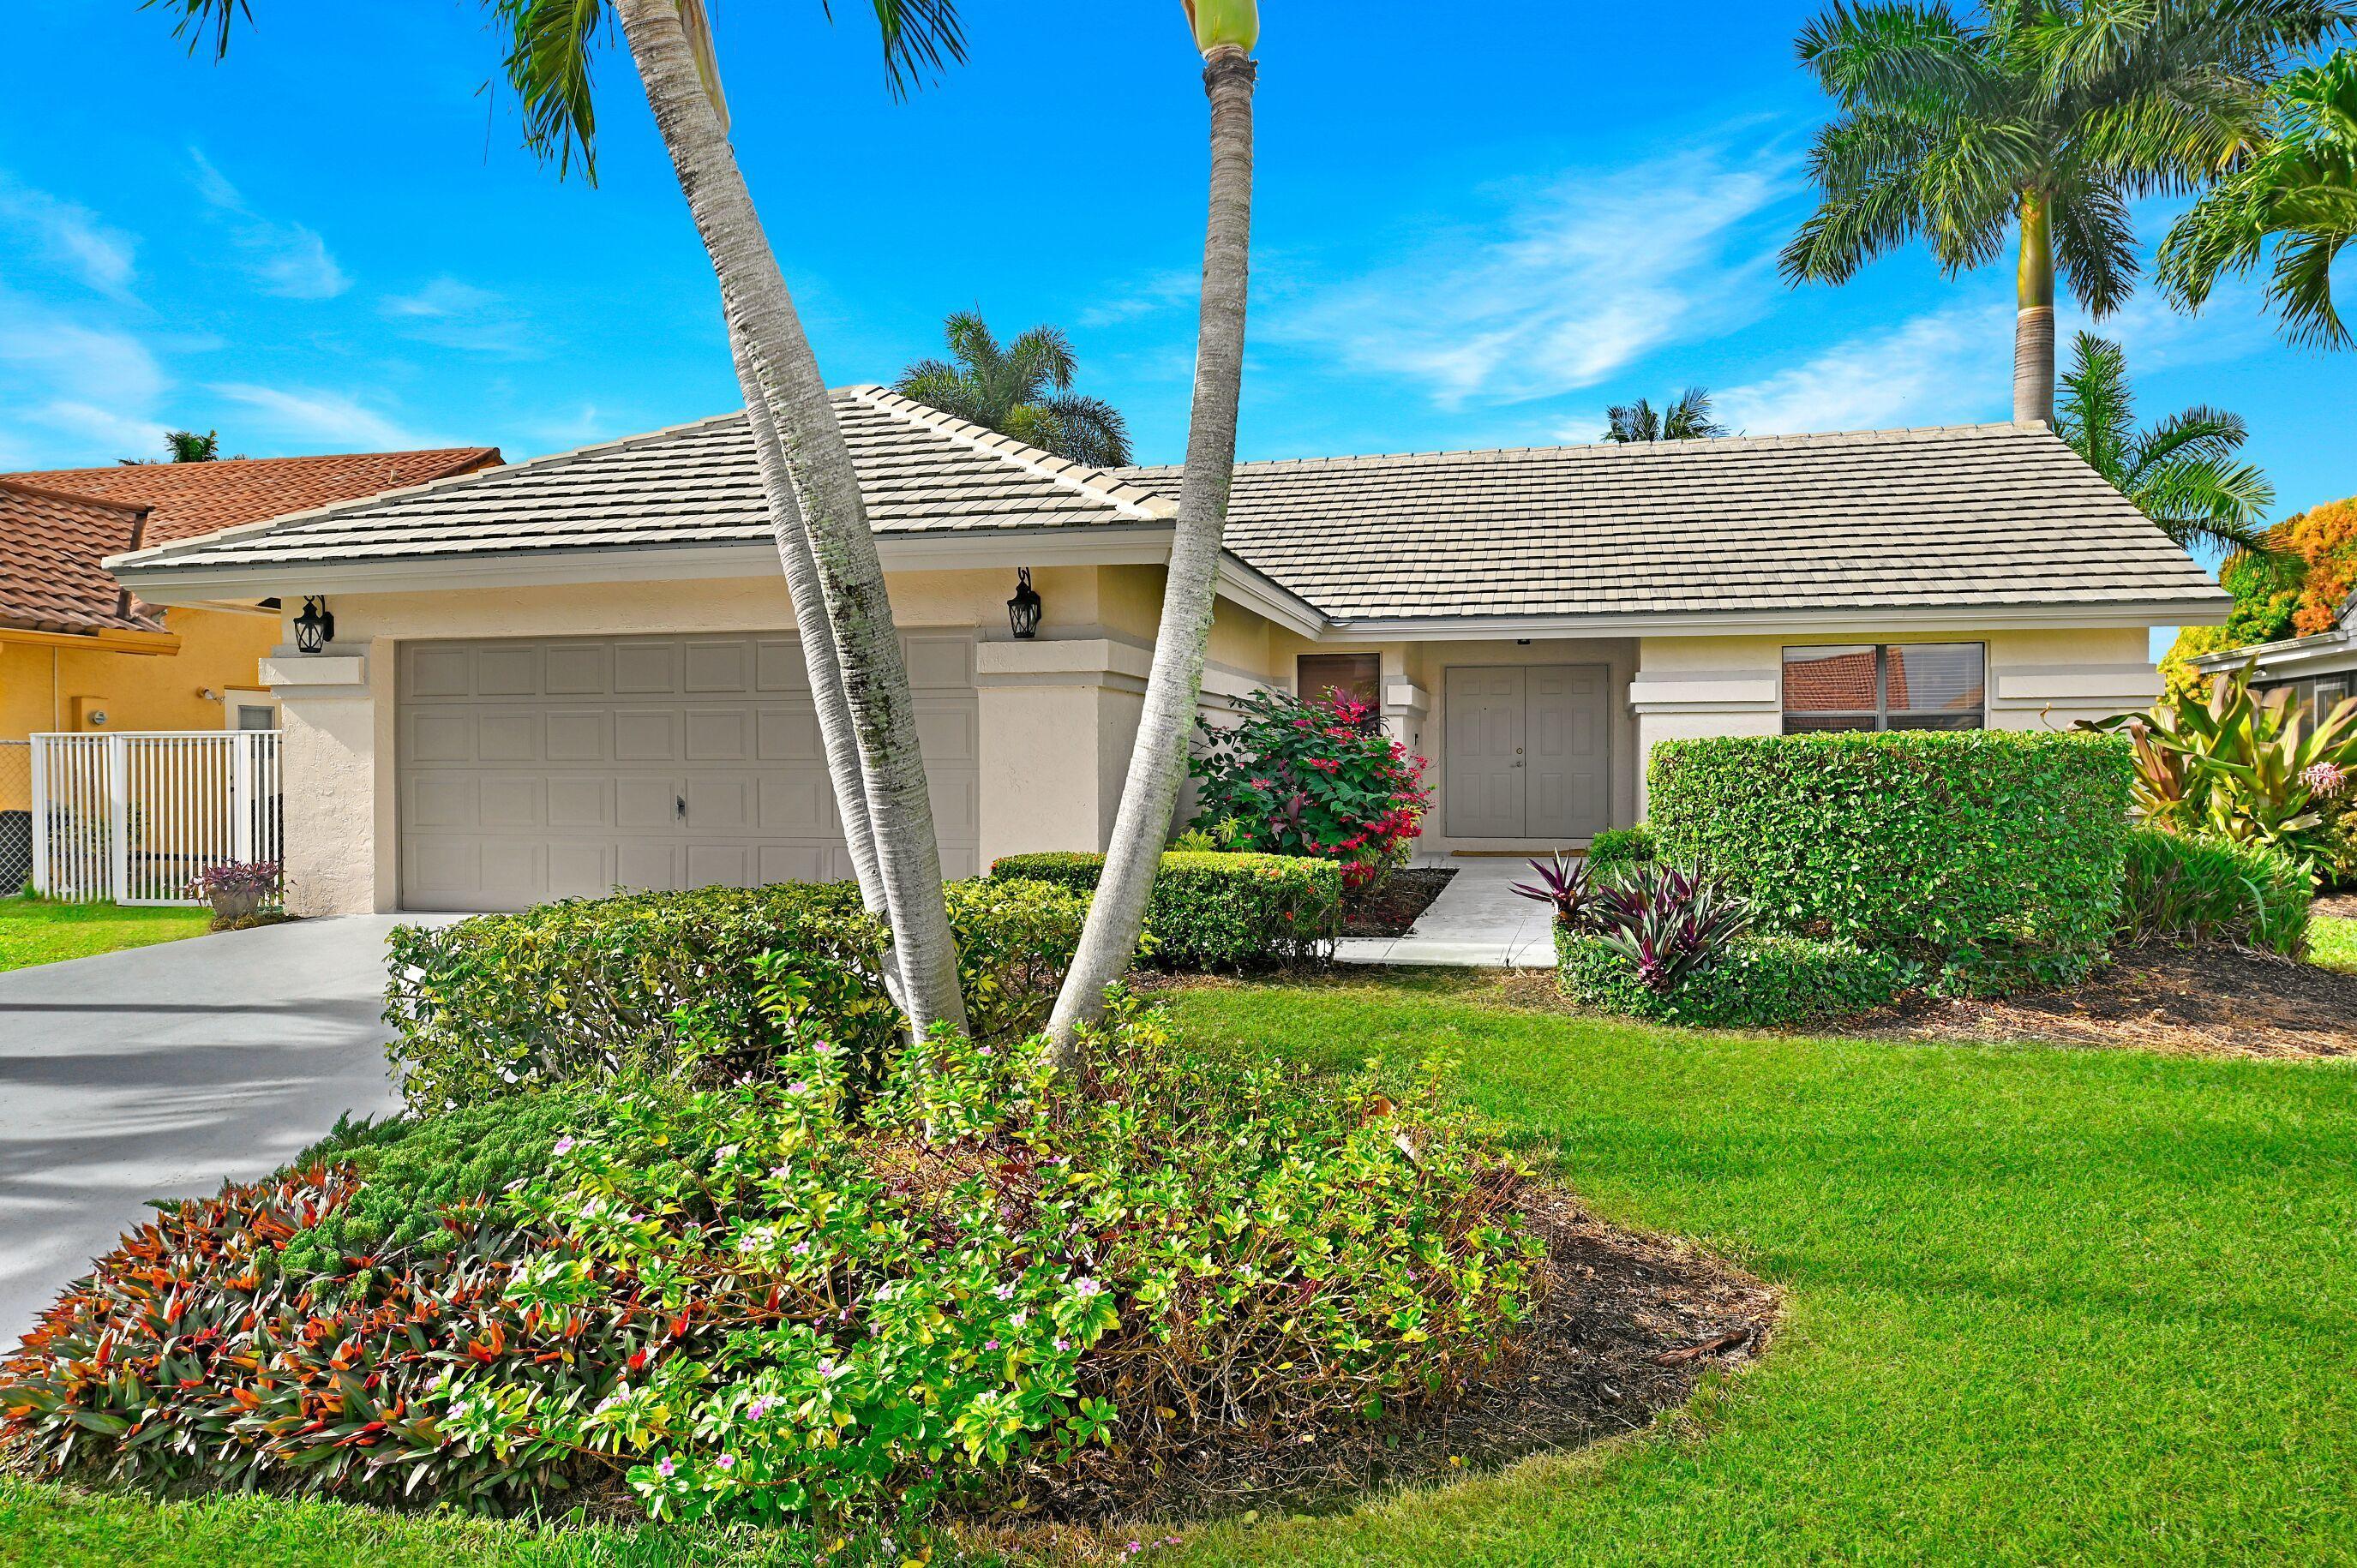 9740 El Clair Ranch Road Boynton Beach, FL 33437